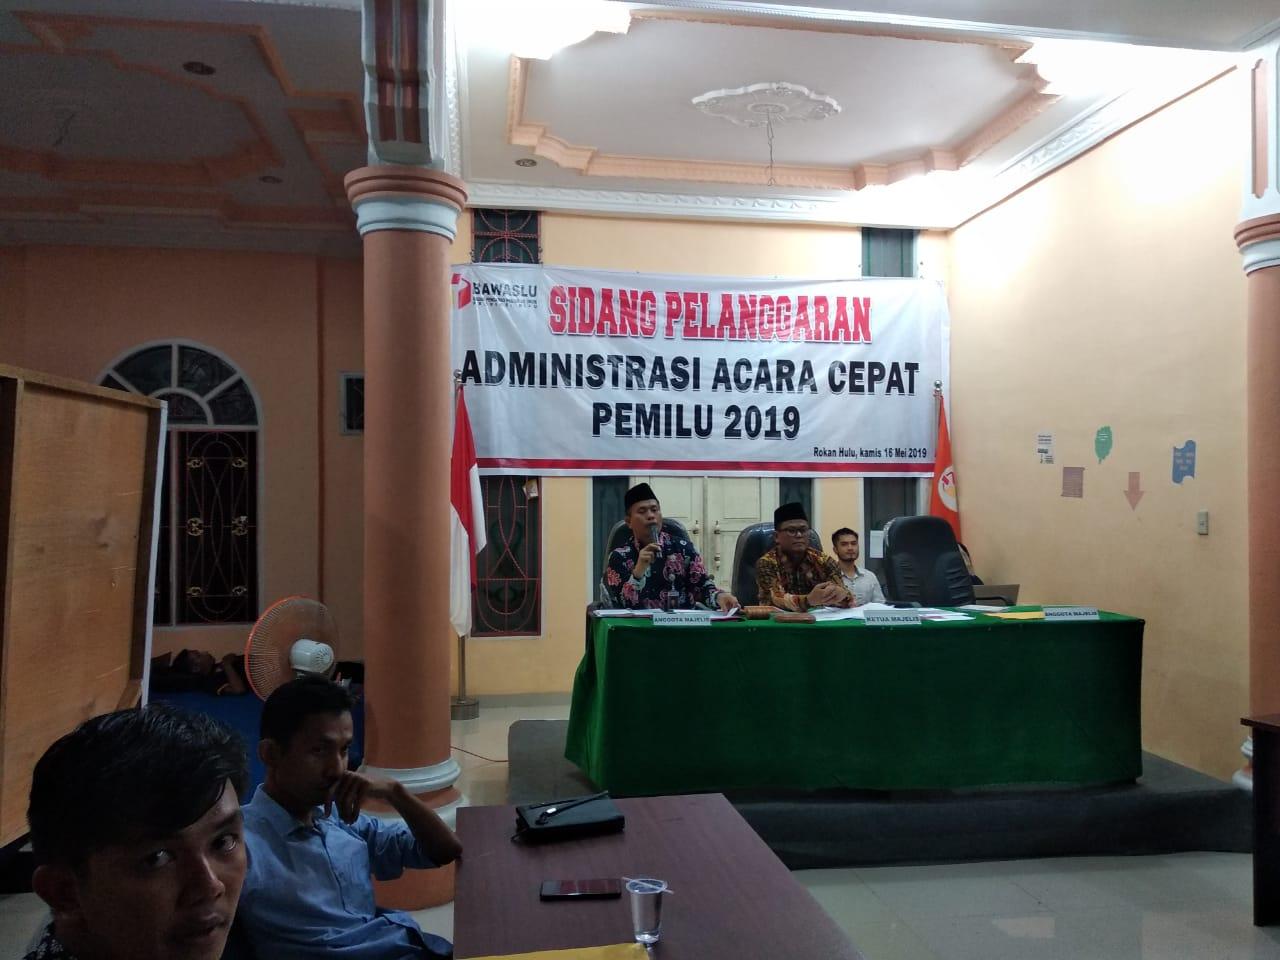 Terima Laporan Kecurangan, Bawaslu Riau Selenggarakan Sidang Administrasi Acara Cepat